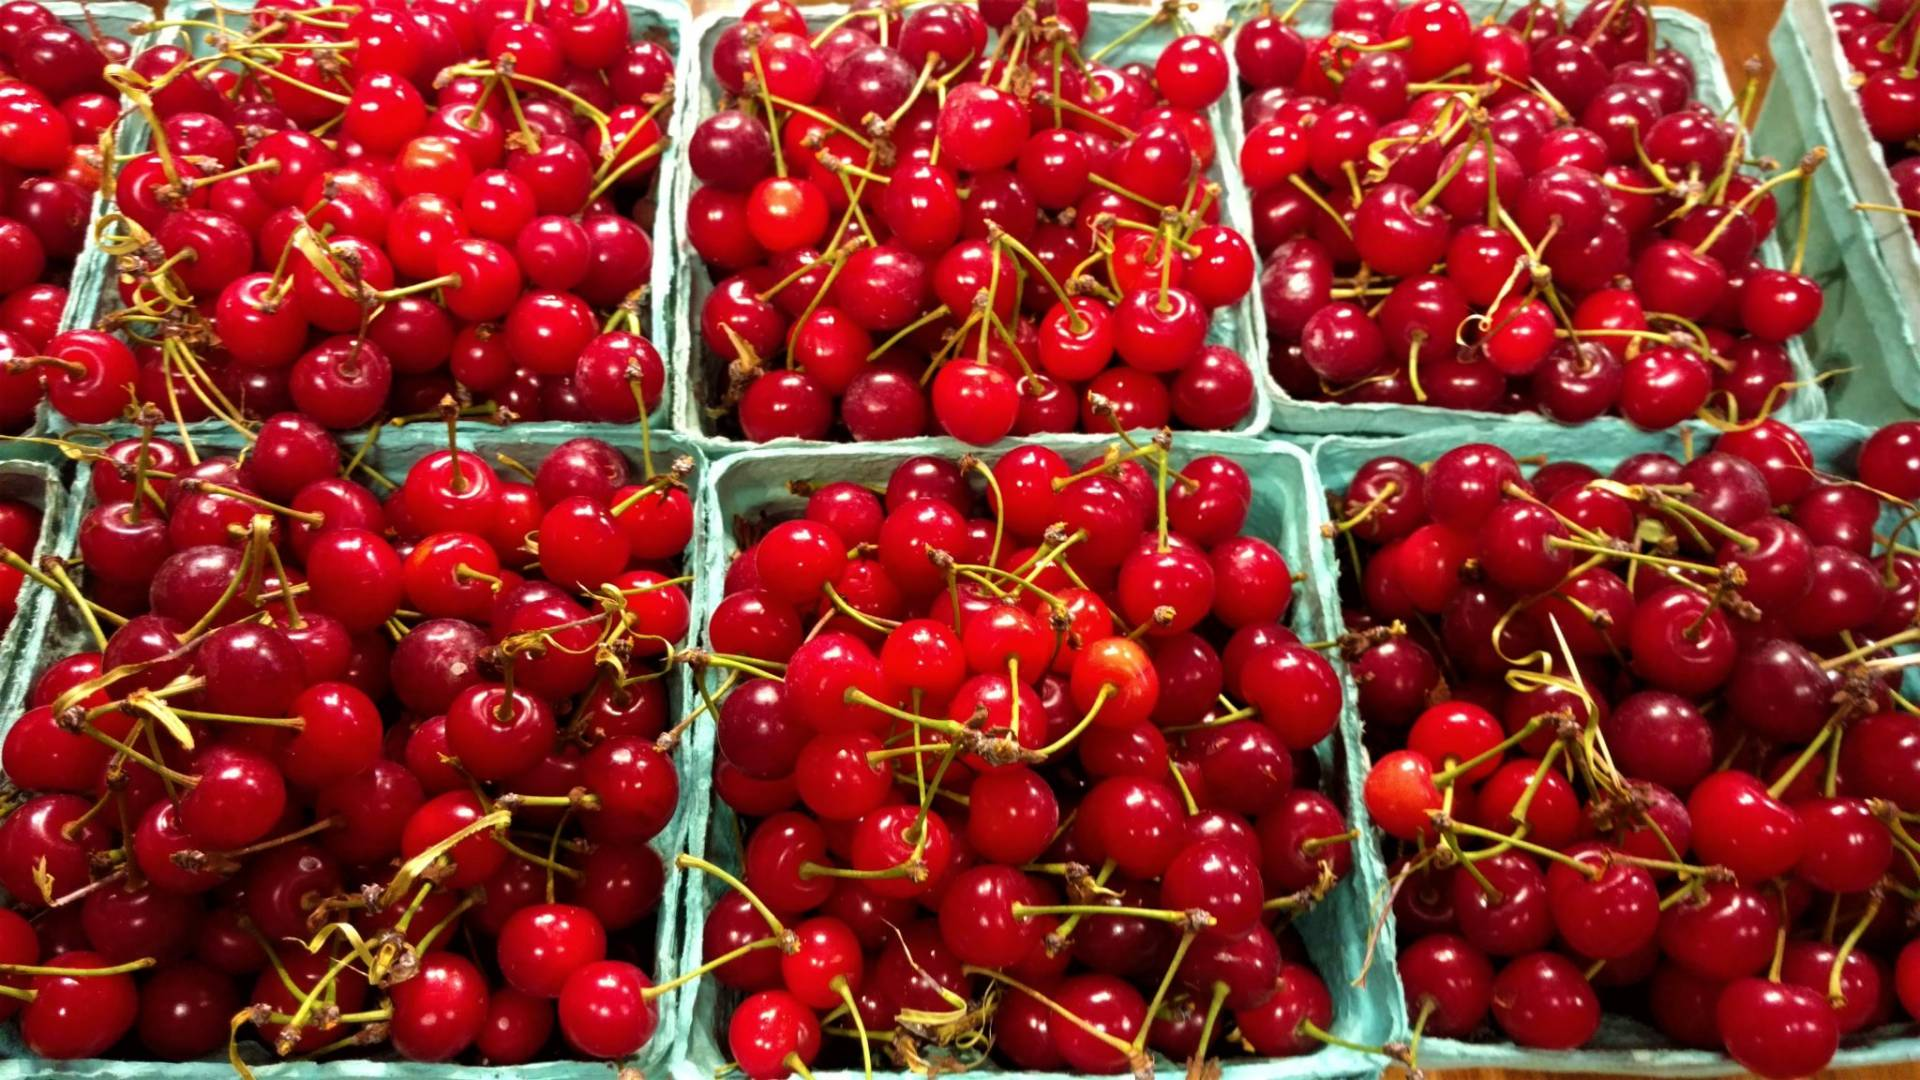 Tart Cherries | Brecknock Orchard LLC, Mohnton Lancaster